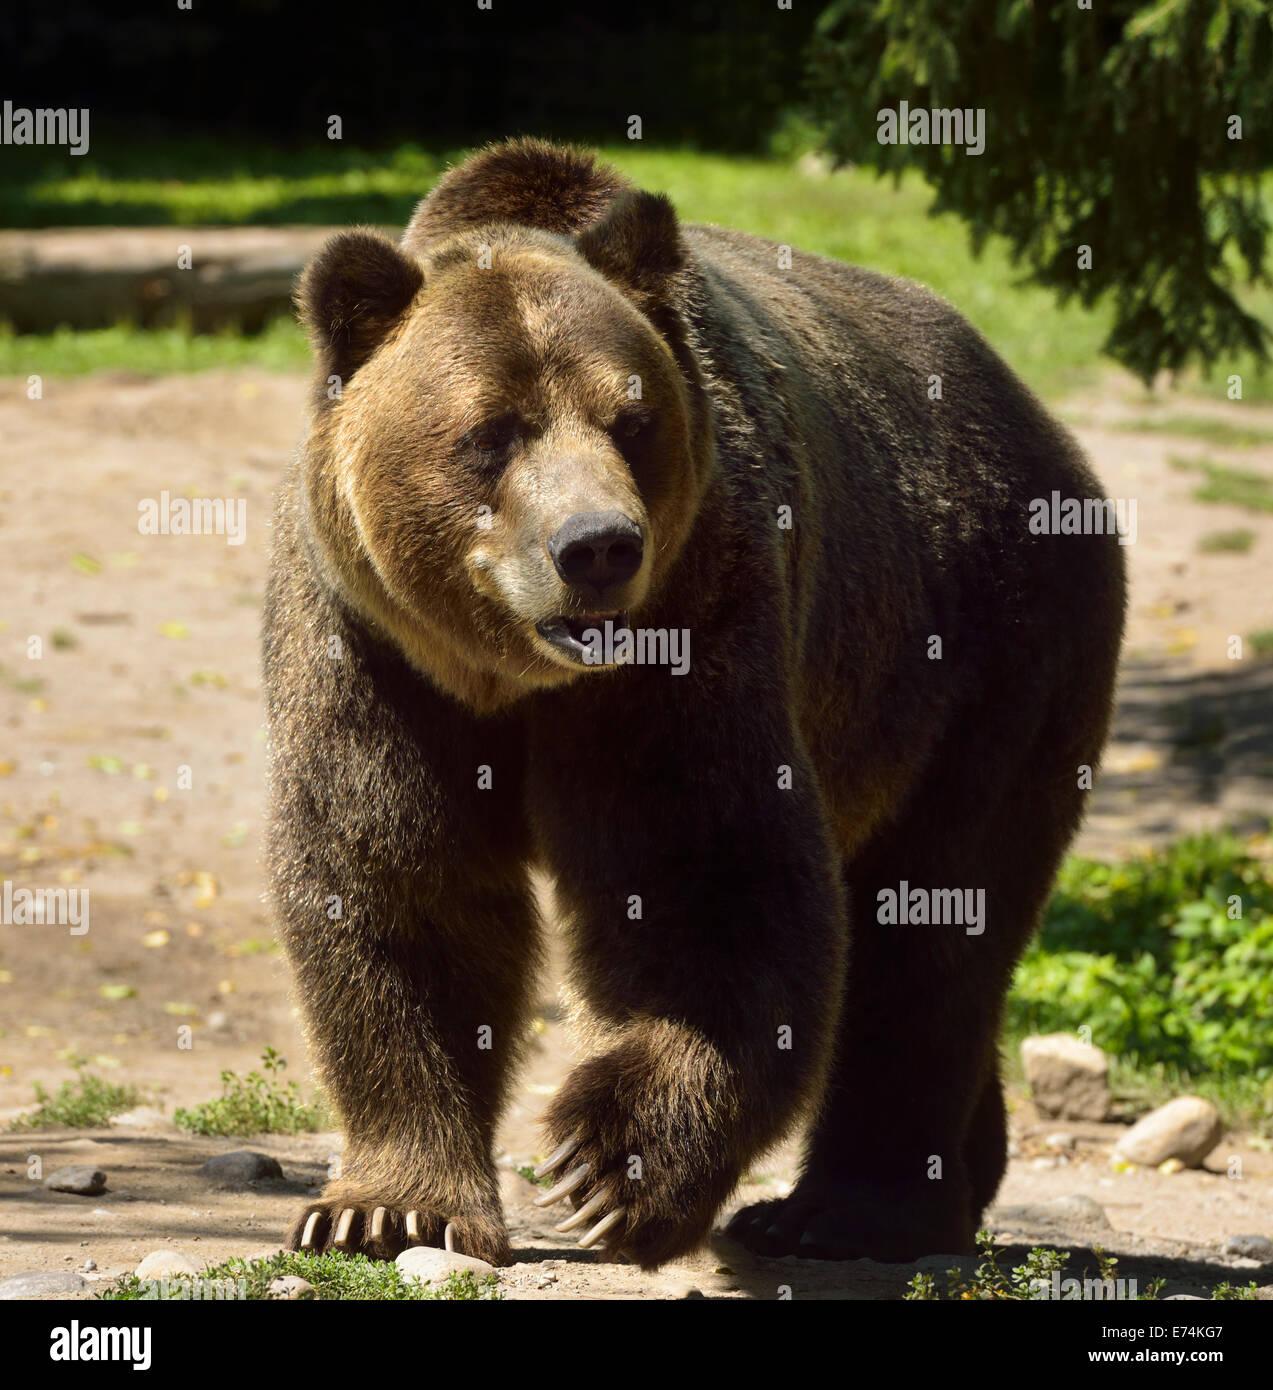 La sous-espèce continentale matures de l'ours grizzli Ours brun marche sur chemin au Zoo de Toronto Photo Stock